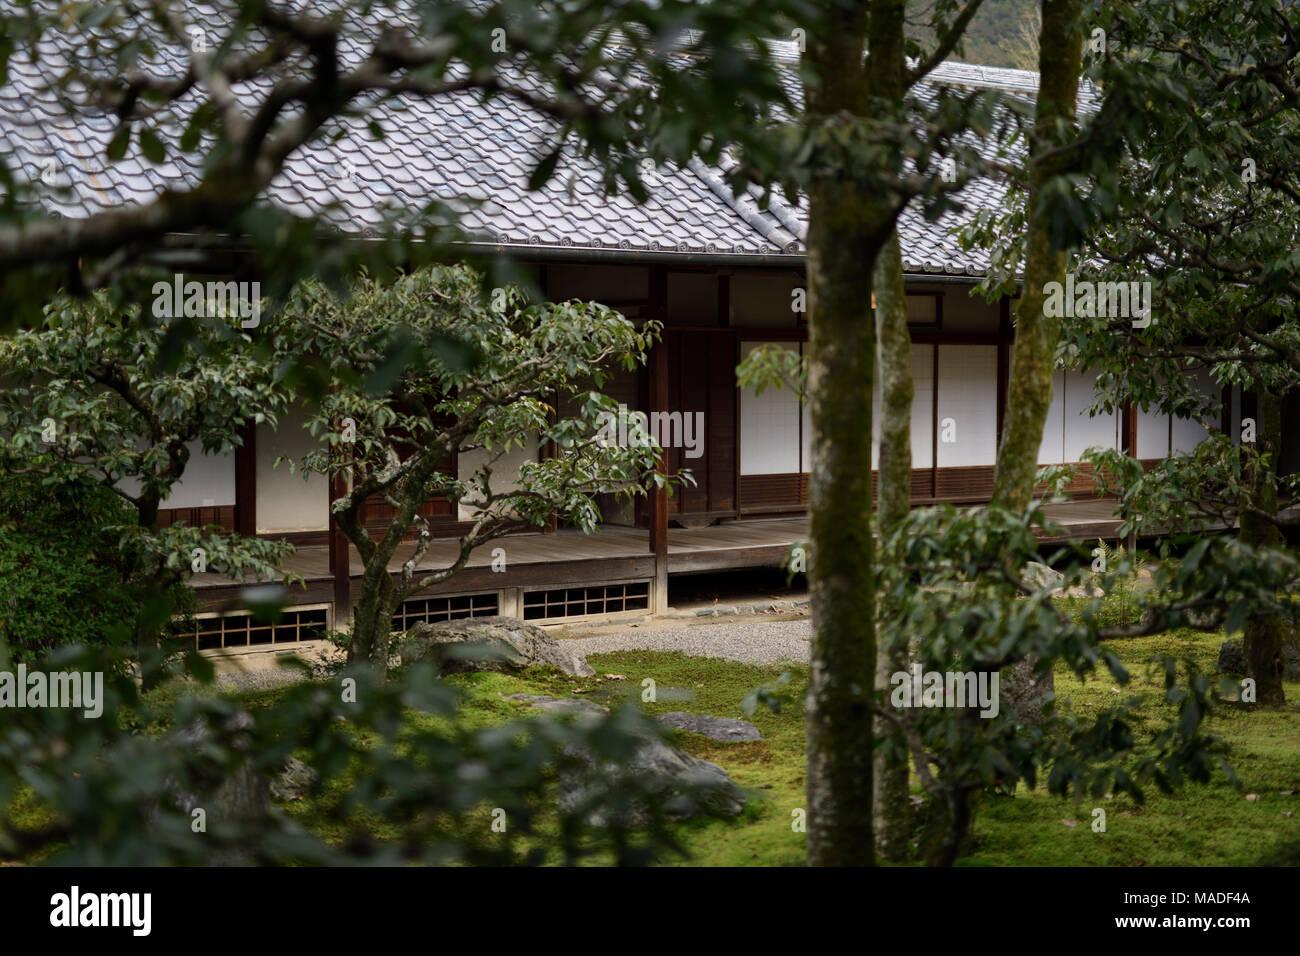 Traditionelle Japanische Architektur Eines Hauses Innenhof